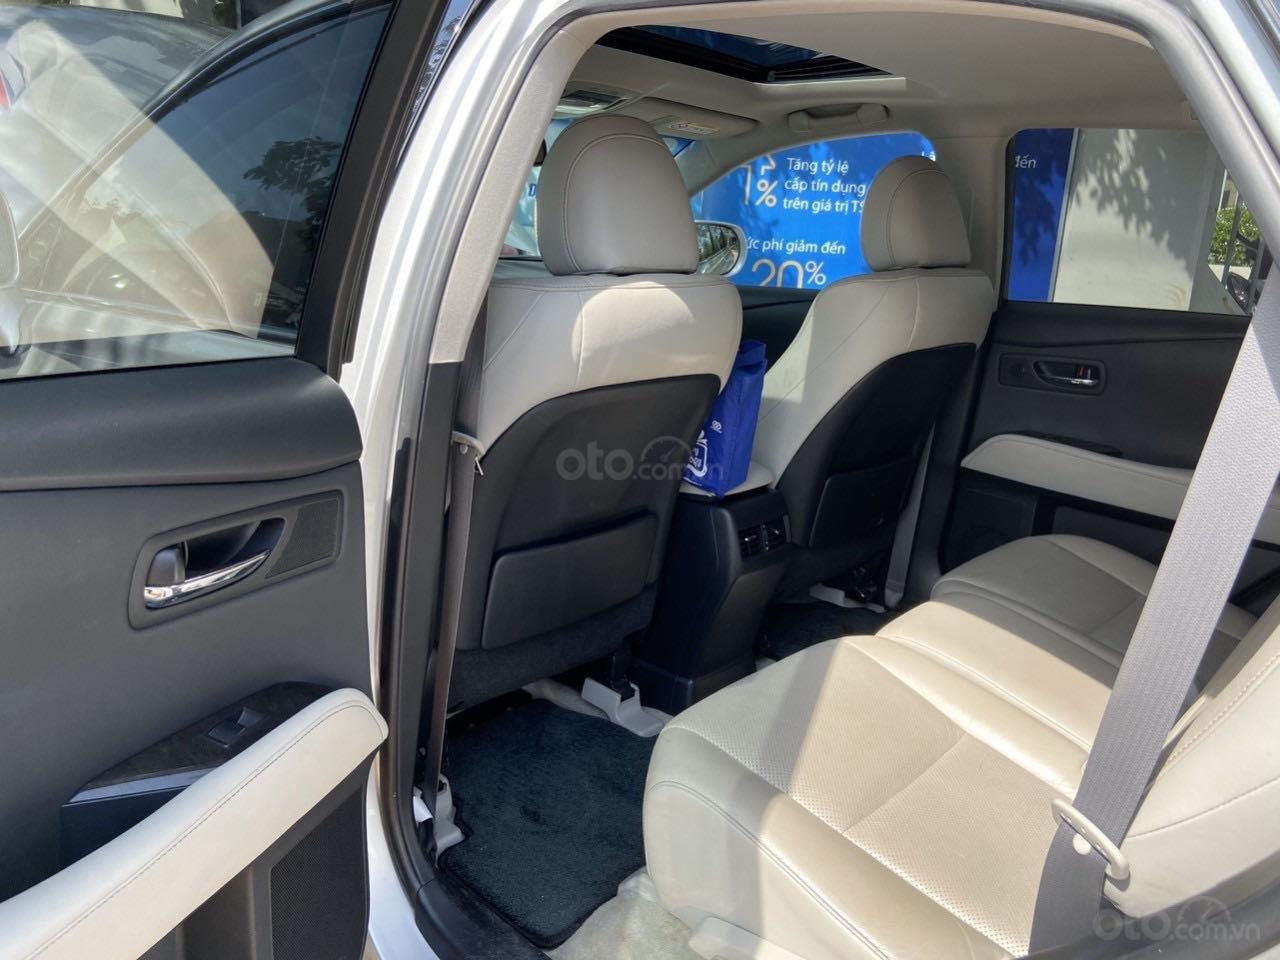 Cần bán lại xe Lexus RX năm 2015, màu bạc, xe nhập khẩu, đi giữ gìn, mới 99,9% bao test (6)